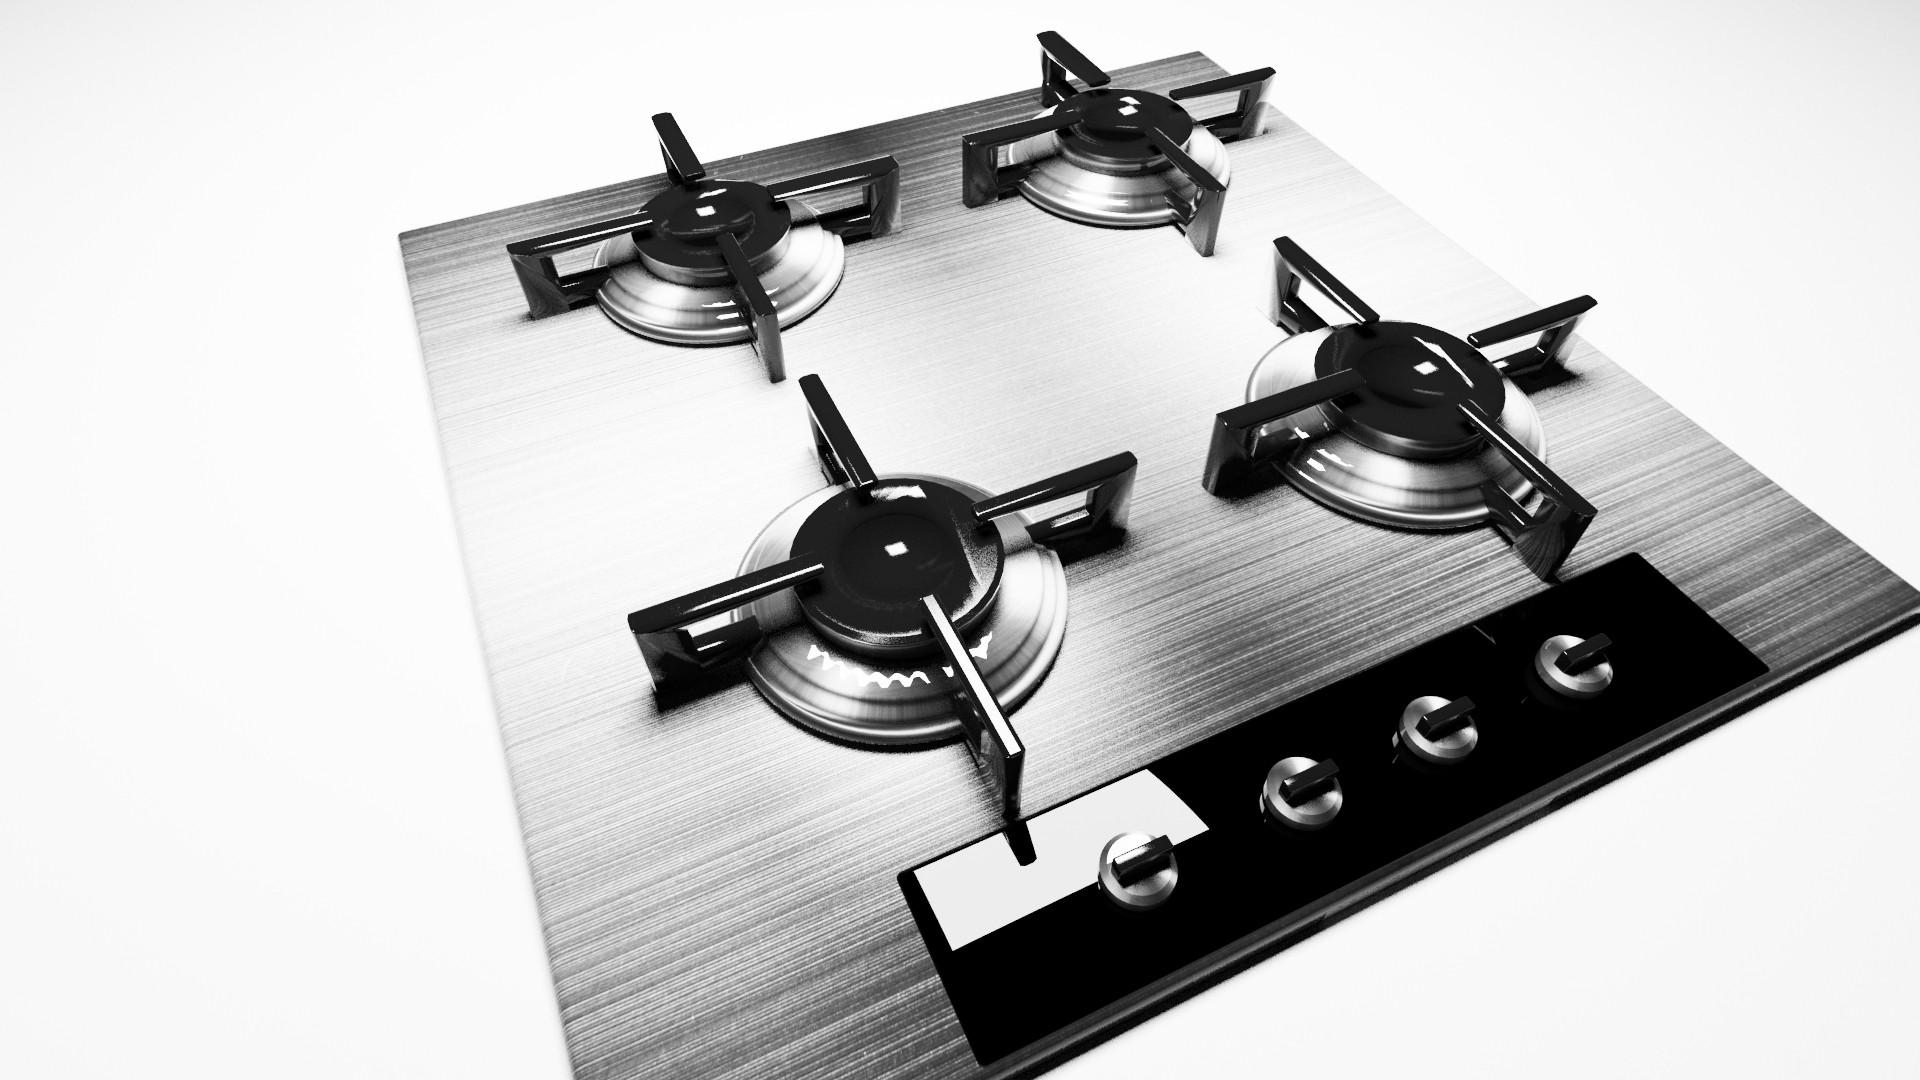 cooktop.jpg